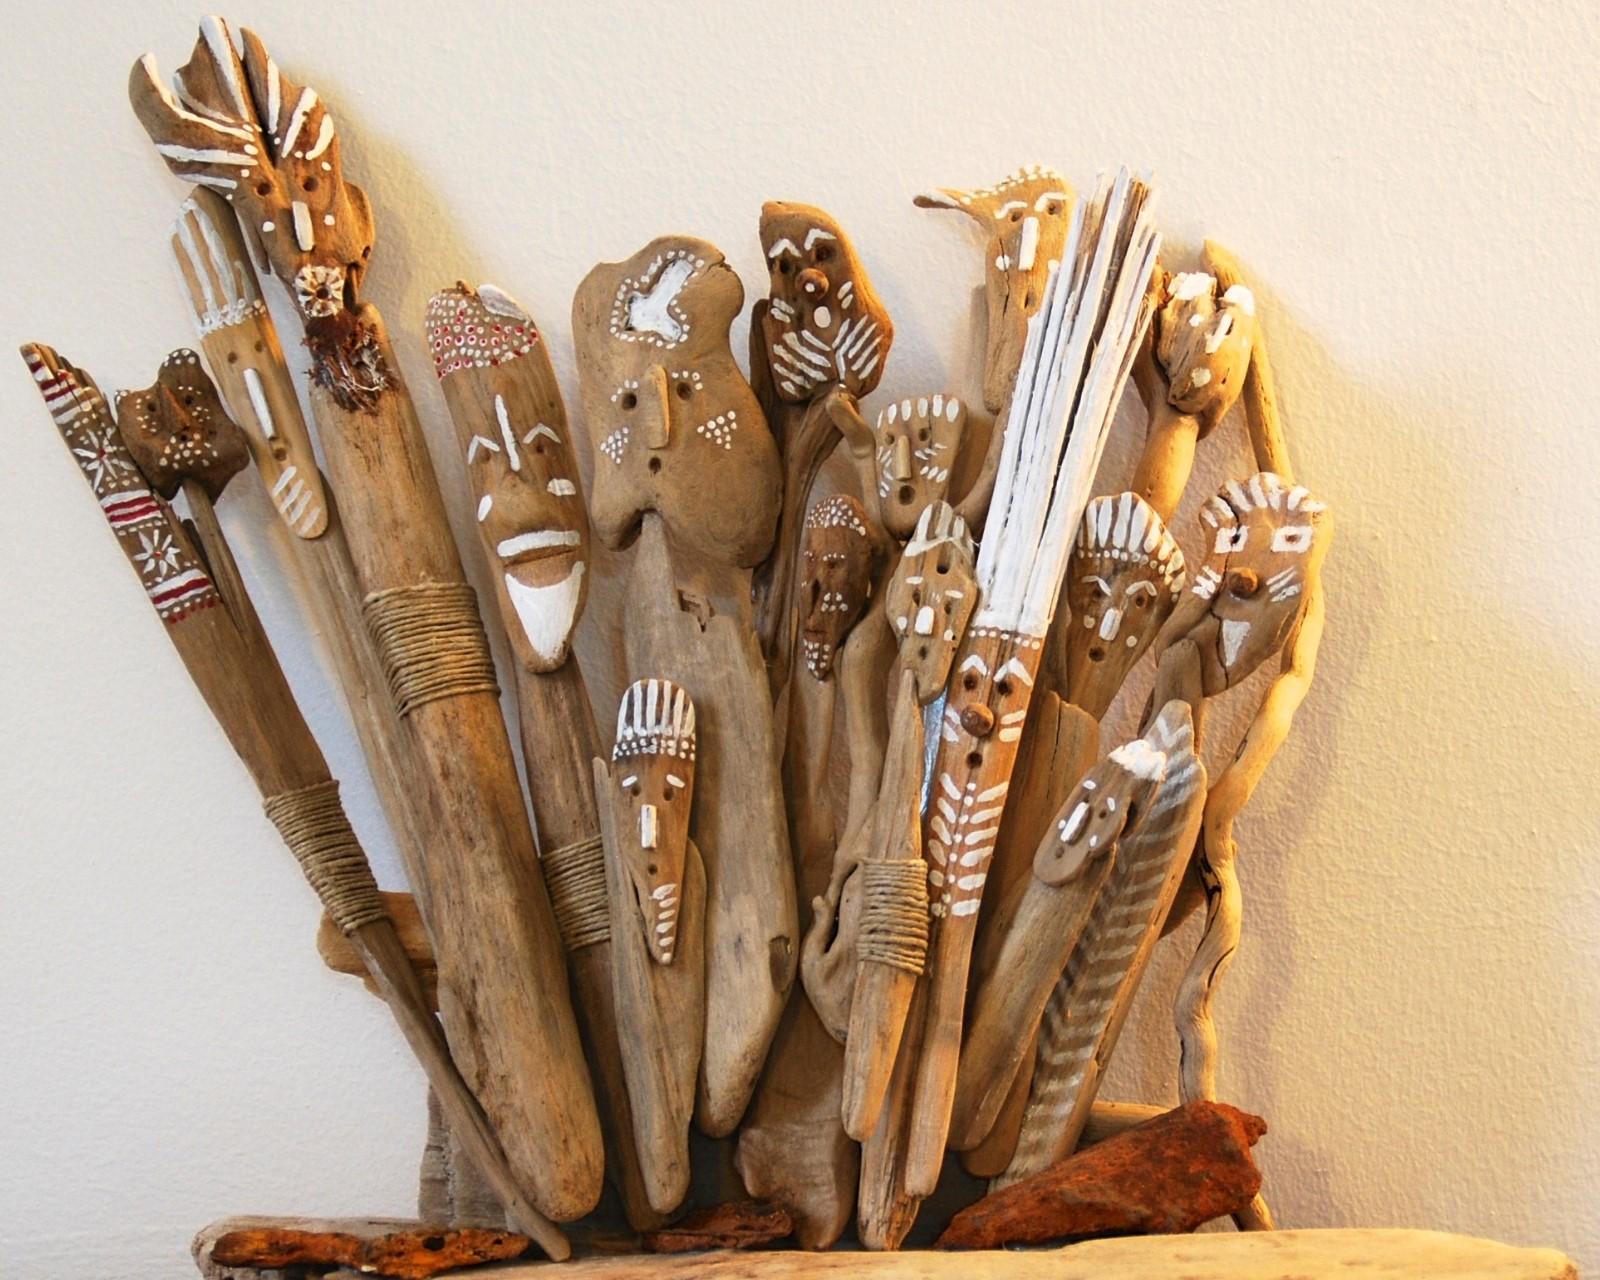 Création en bois flotté